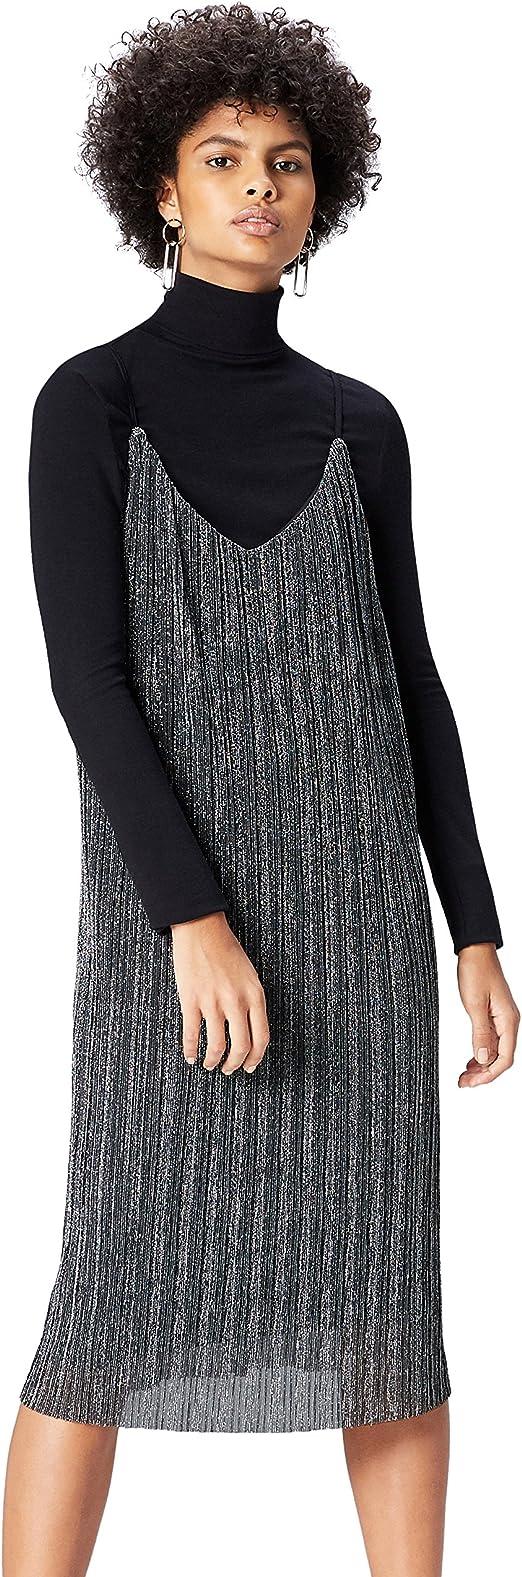 Marca Amazon - find. Vestido Plisado de Tirantes para Mujer